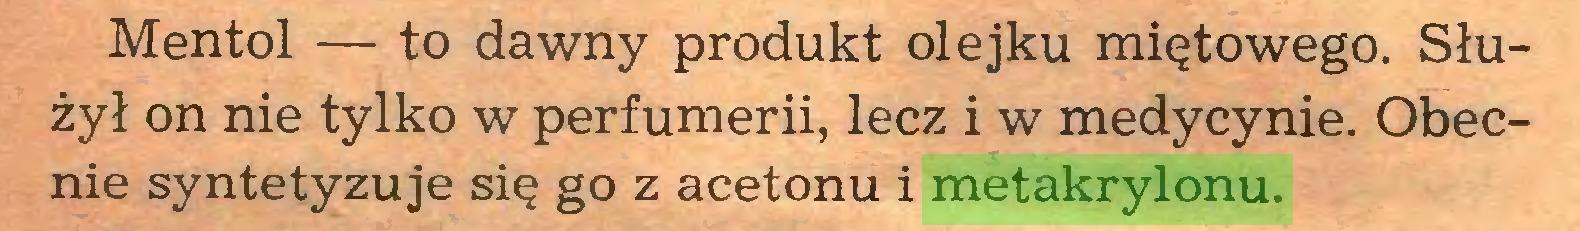 (...) Mentol — to dawny produkt olejku miętowego. Służył on nie tylko w perfumerii, lecz i w medycynie. Obecnie syntetyzuje się go z acetonu i metakrylonu...